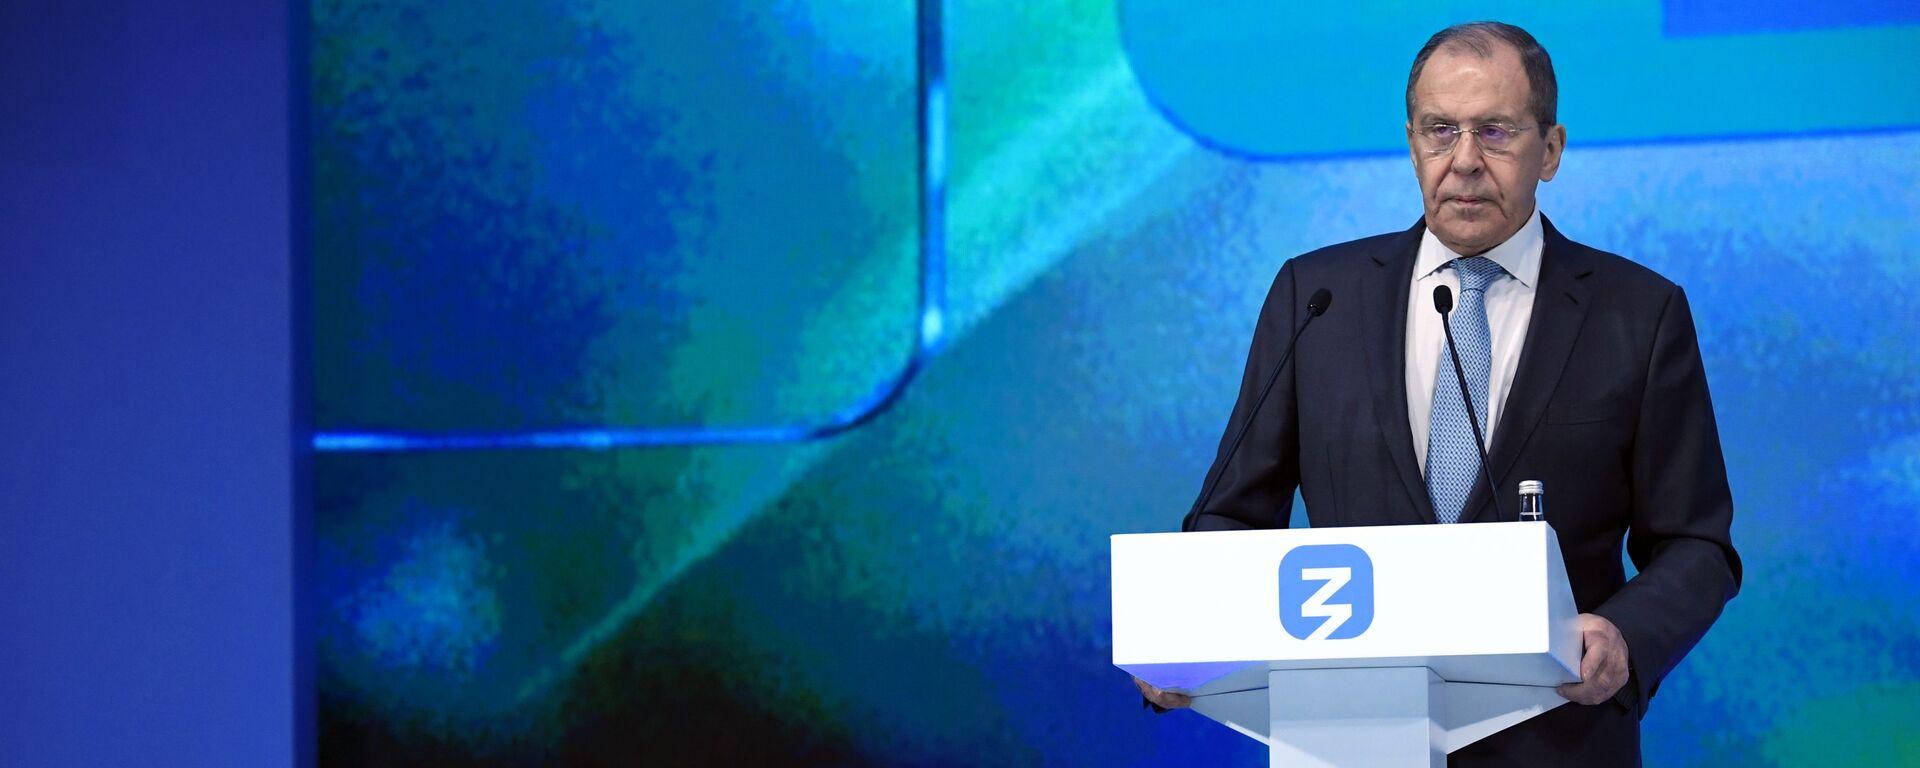 Министр иностранных дел РФ Сергей Лавров выступает во время просветительского марафона Новое знание - Sputnik Латвия, 1920, 21.05.2021